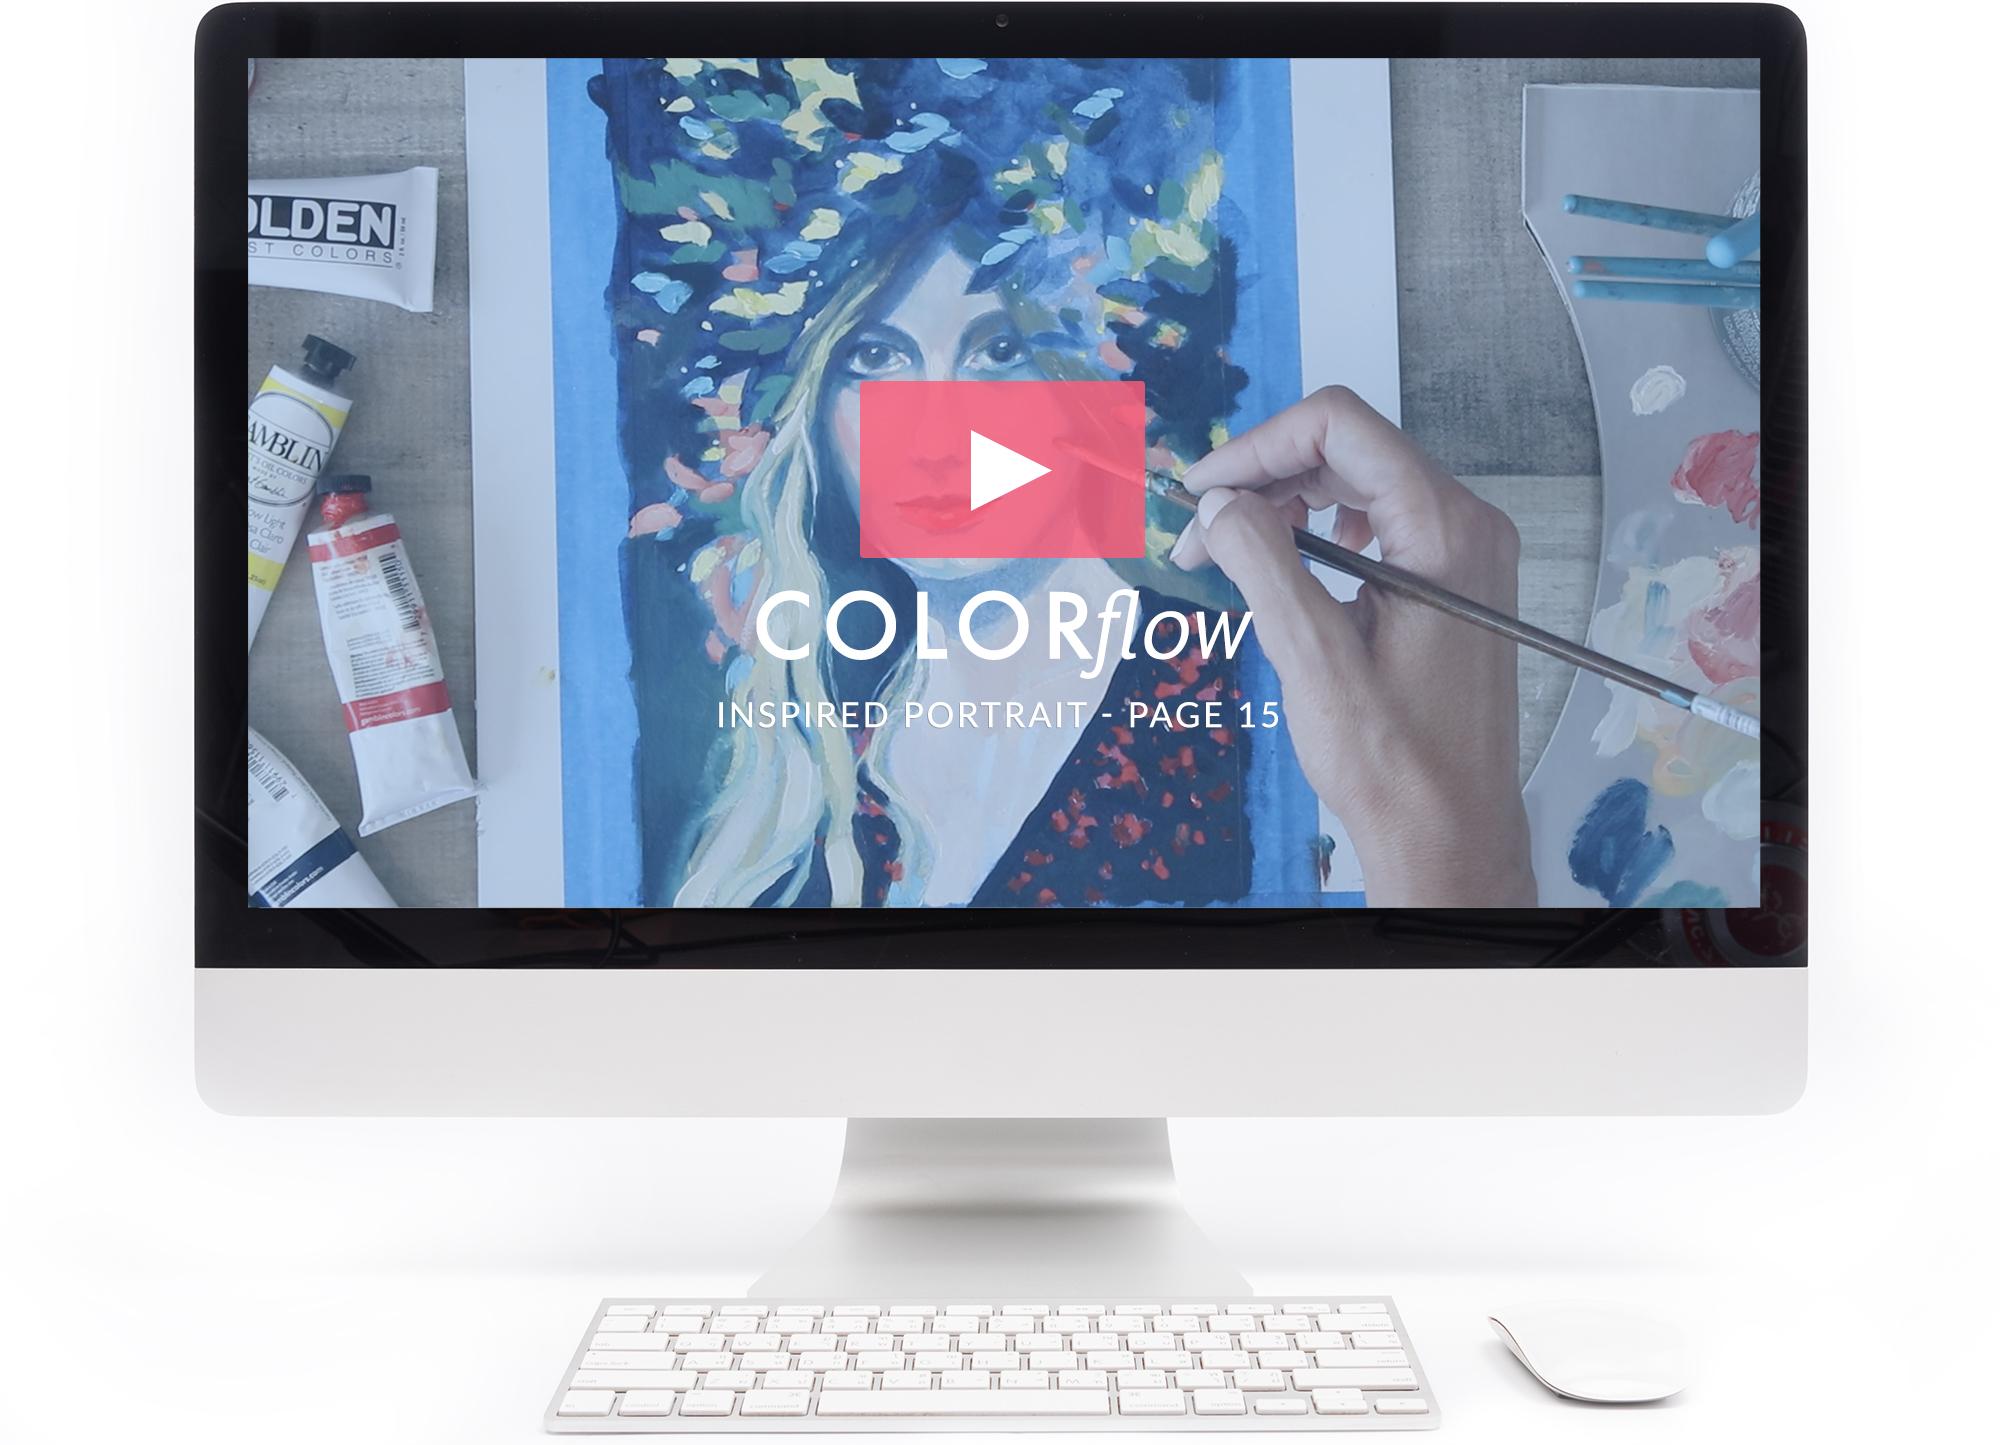 colorflow-online.jpg